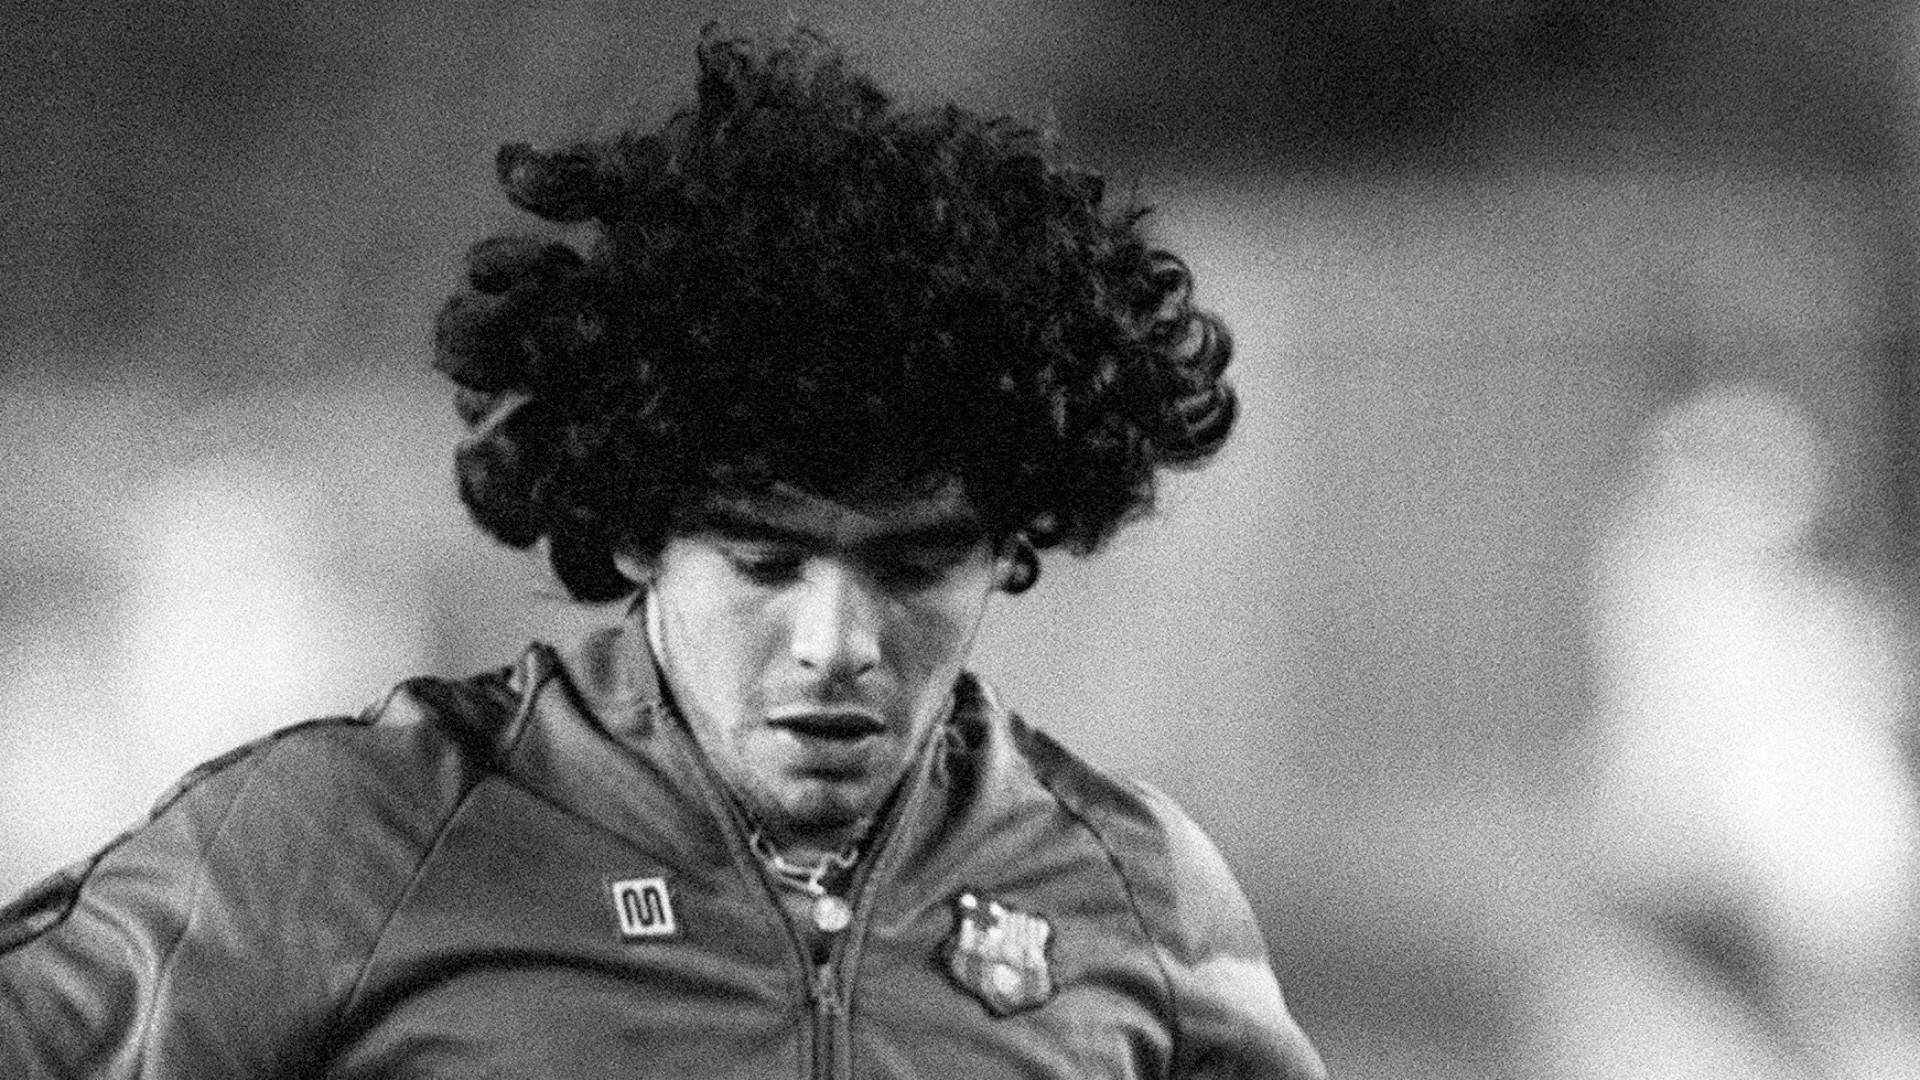 Легенда аргентинского футбола Диего Марадона